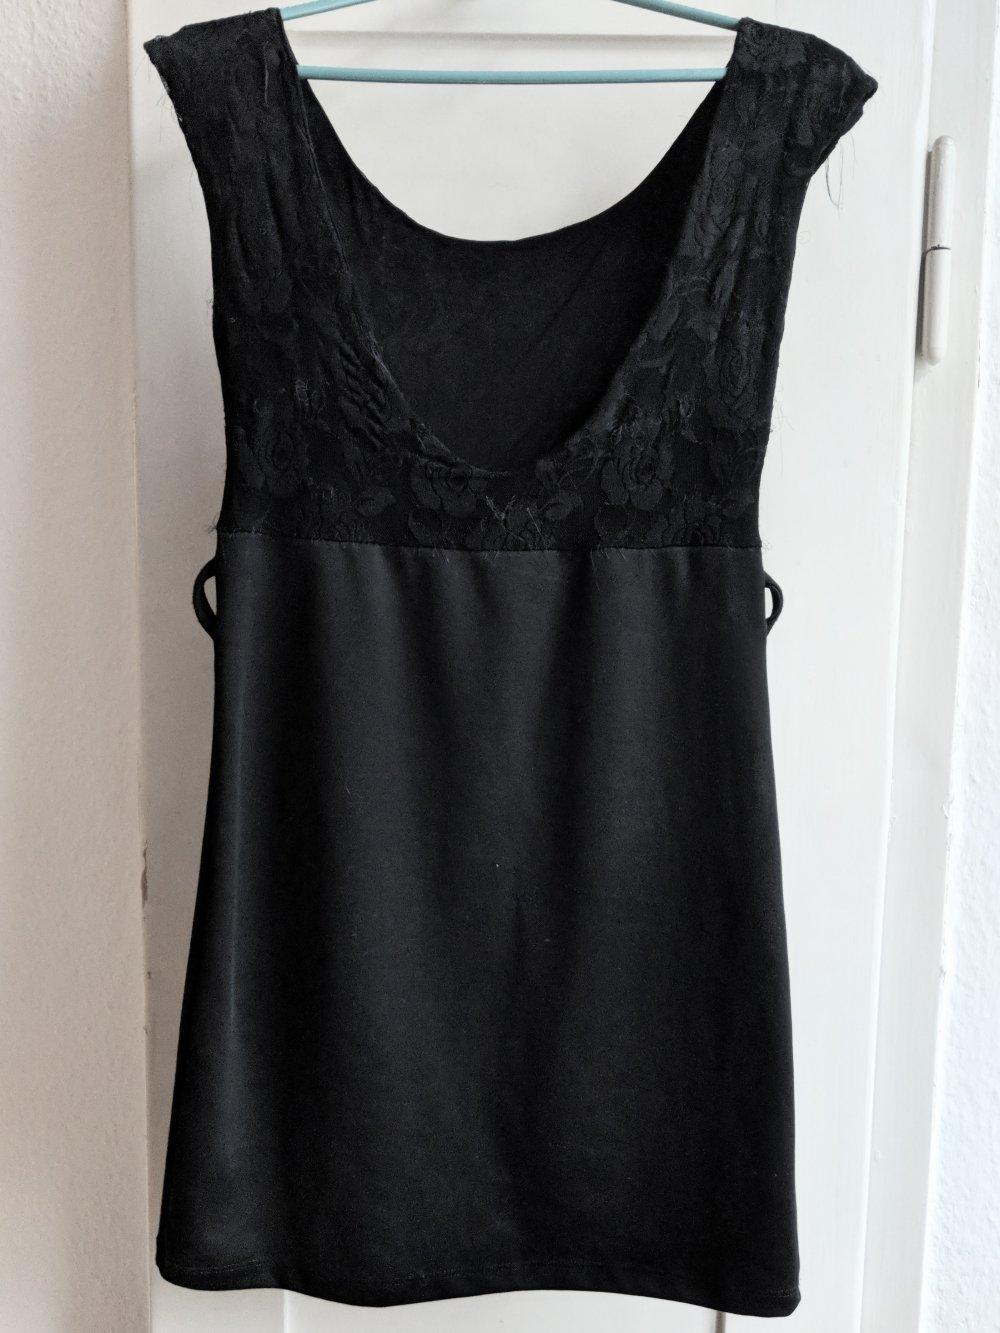 Schwarzes Kleid mit Spitze und weitem Rückenausschnitt ...